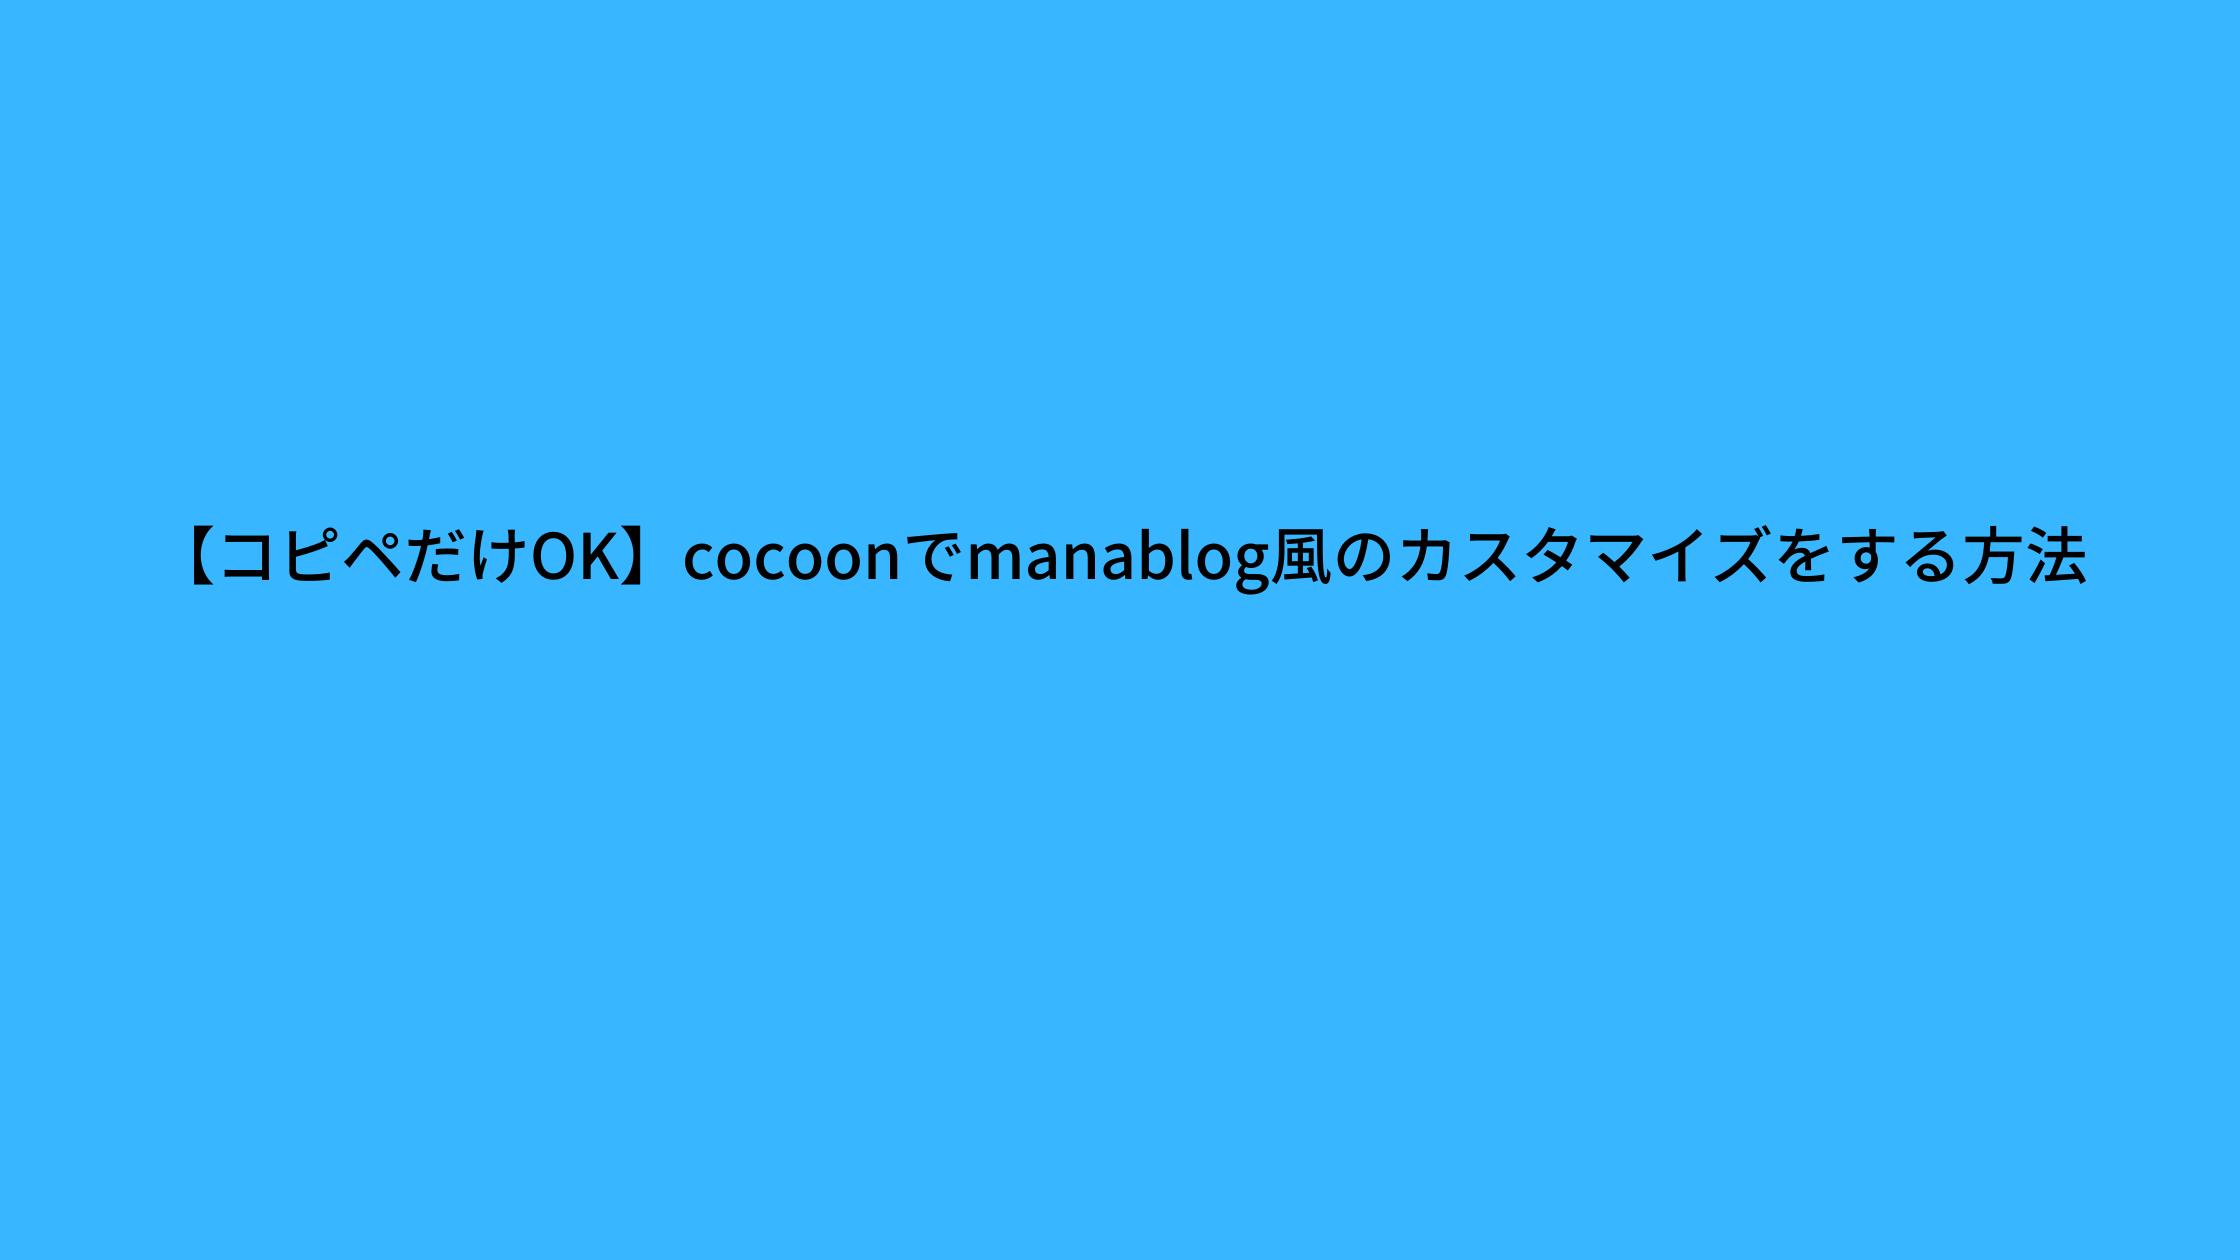 【コピペだけOK】cocoonでmanablog風のカスタマイズをする方法